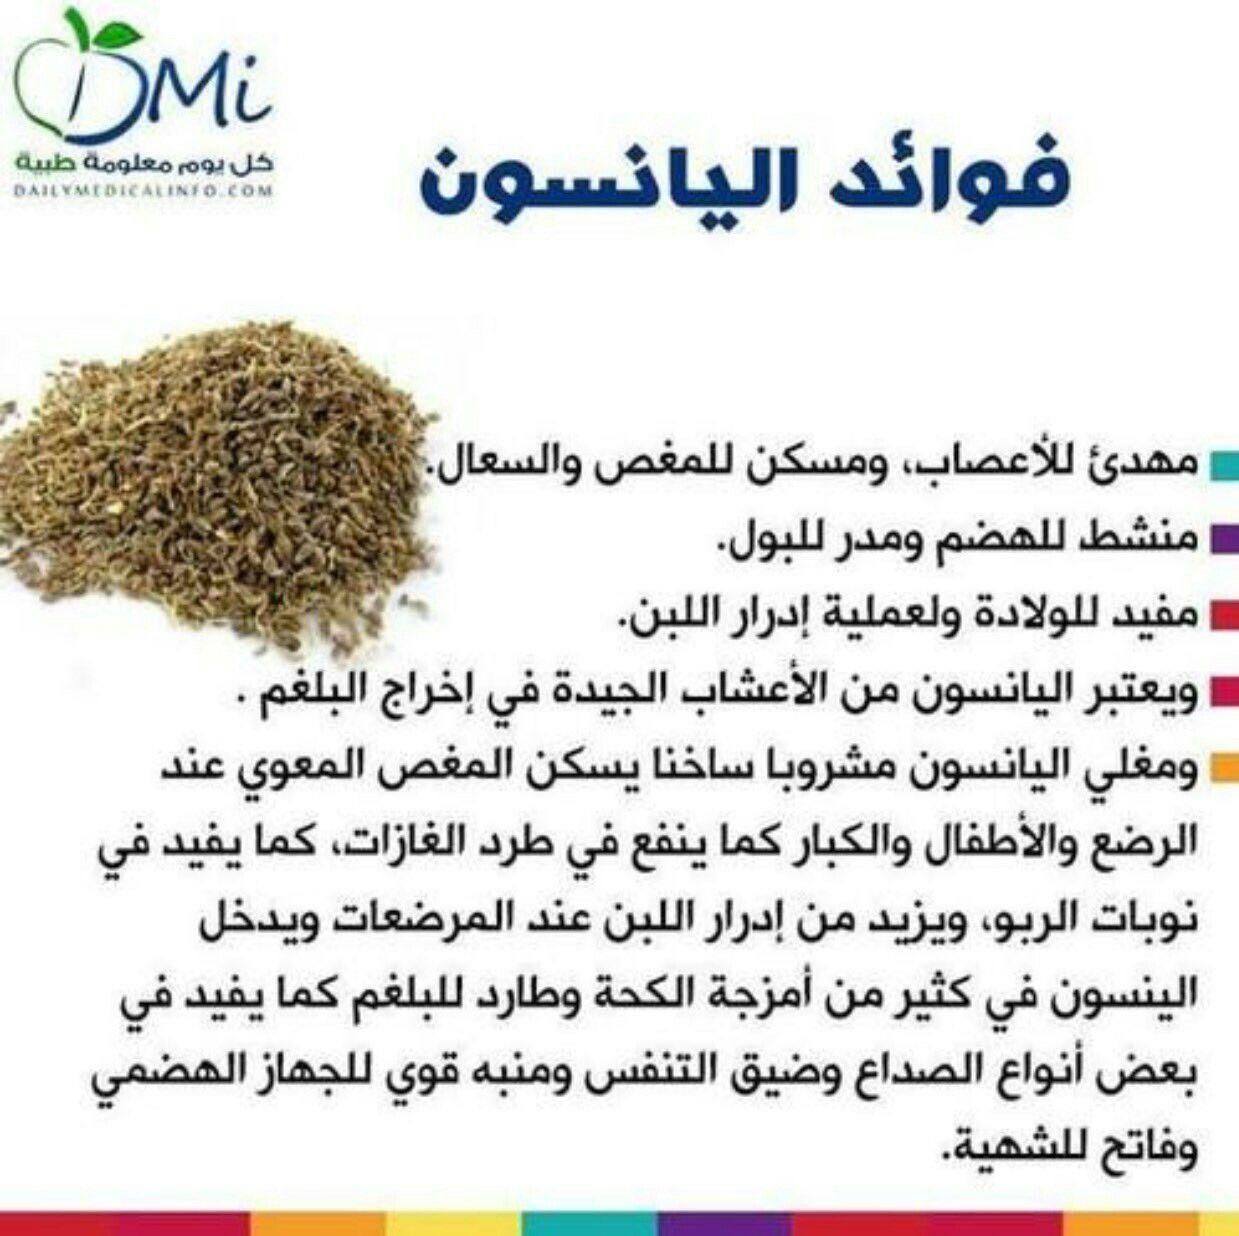 الينسون Health Facts Food Health Drink Health And Nutrition